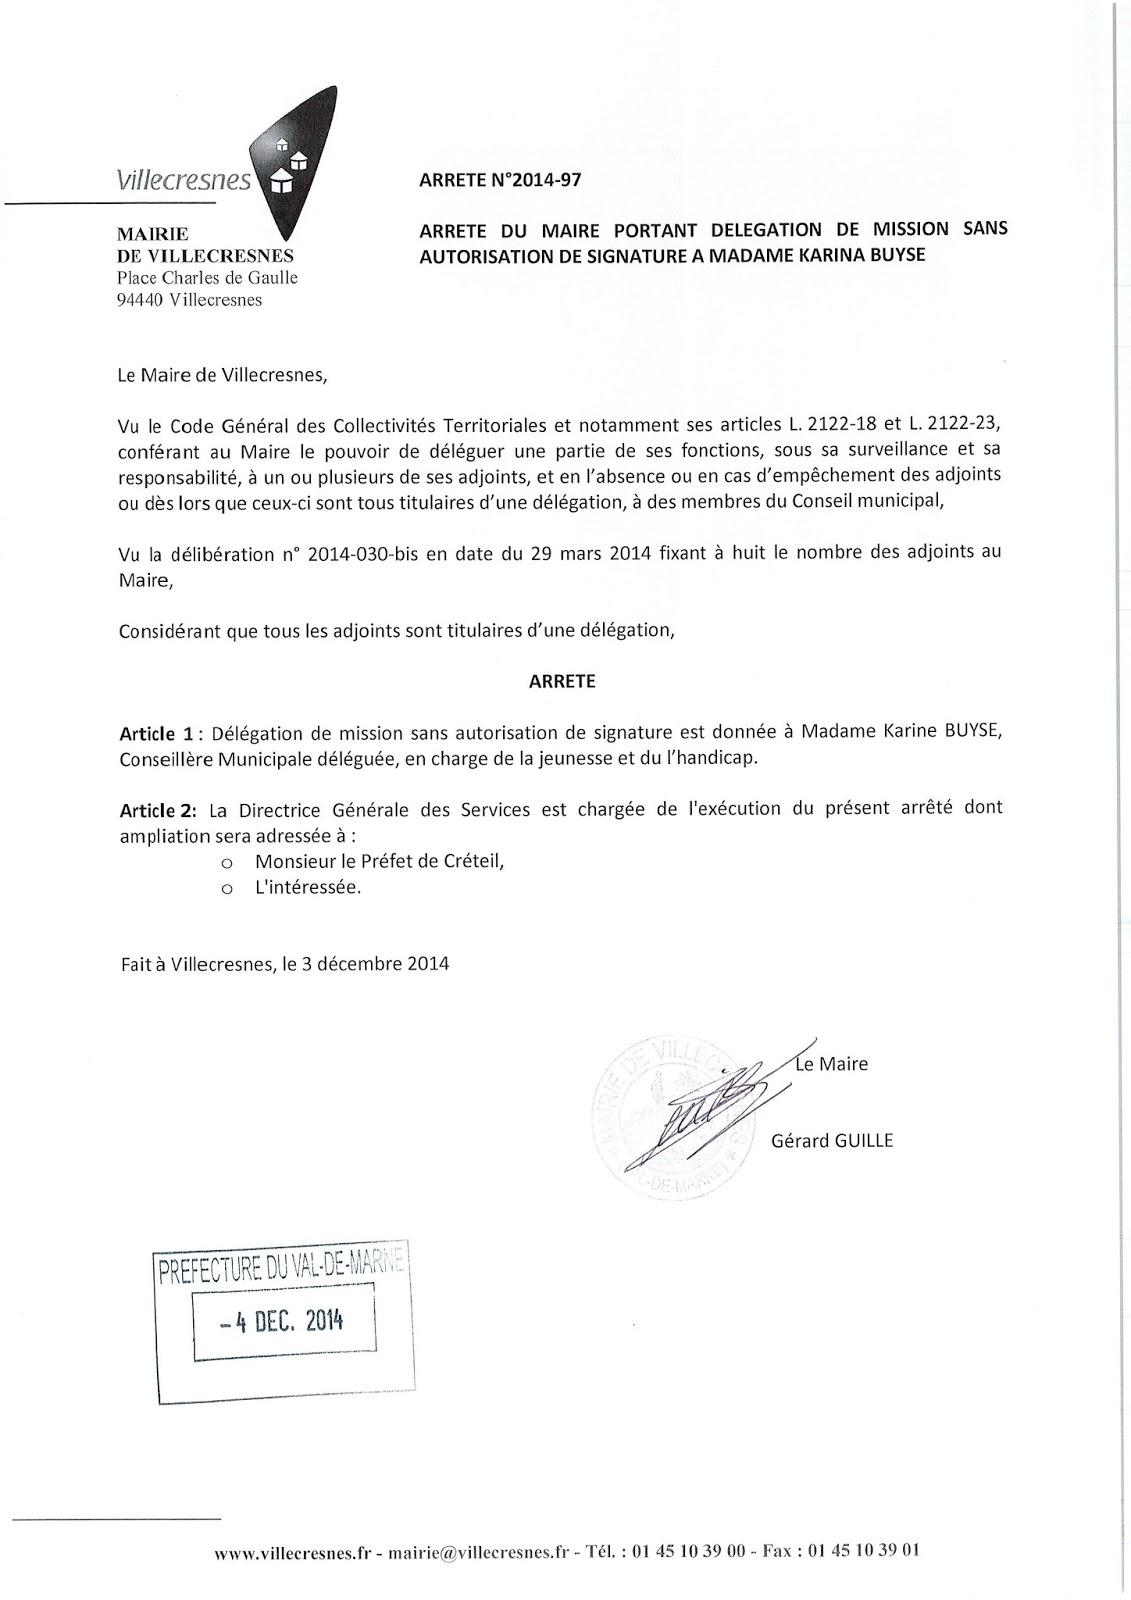 2014-097 Délégation de fonction mission sans autorisation de signature à Madame Karina Buyse